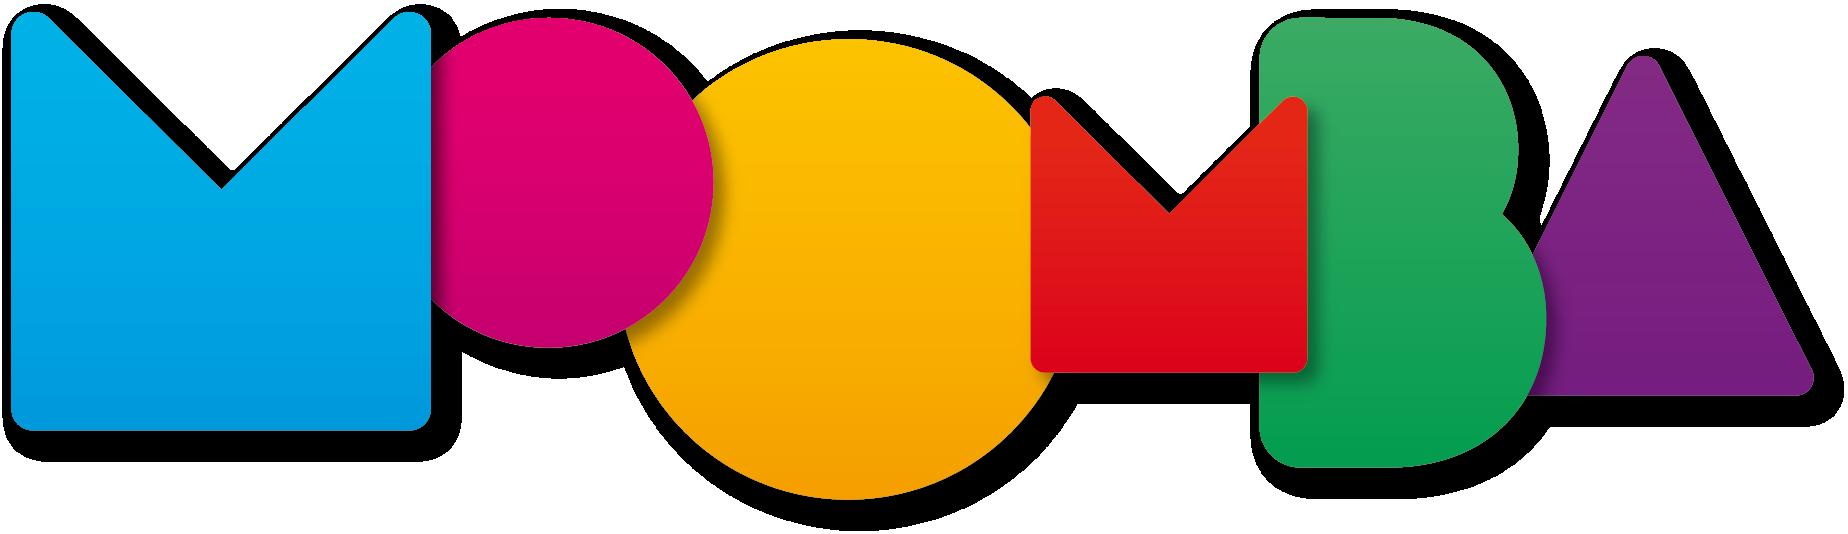 Moomba logo